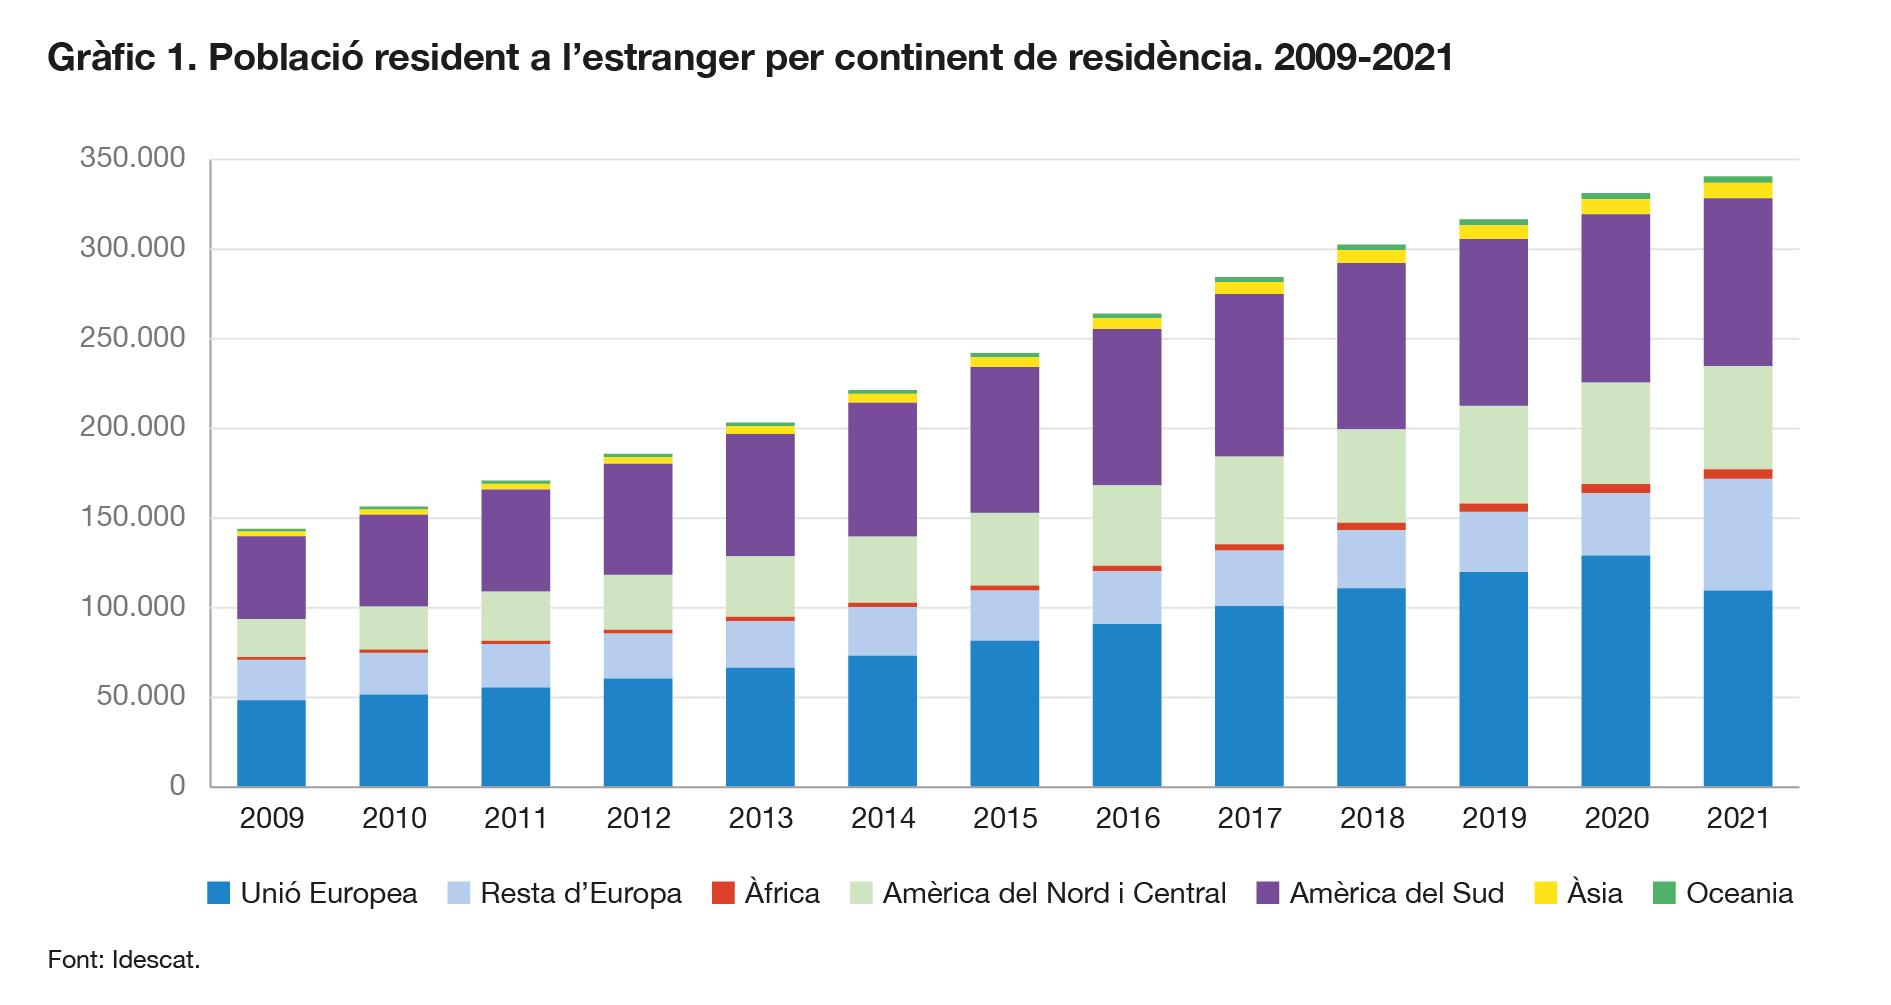 Gràfic. Evolució de la població resident a l'estranger per continent de procedència.